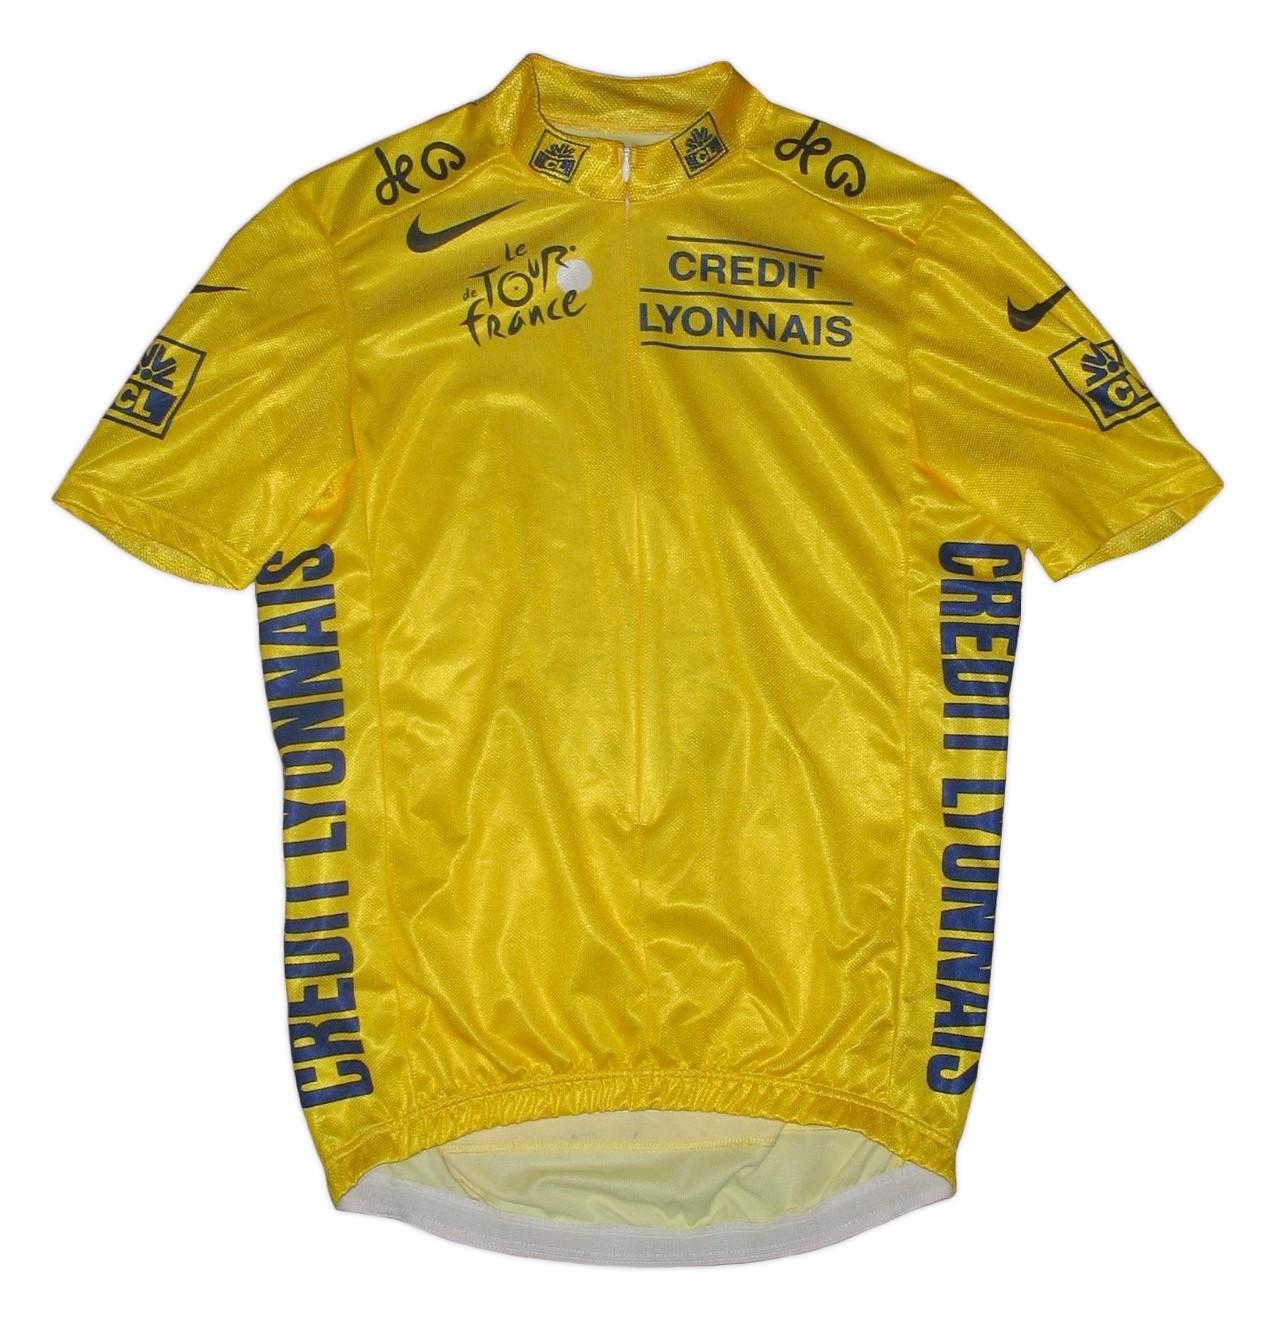 Porteurs français du maillot jaune